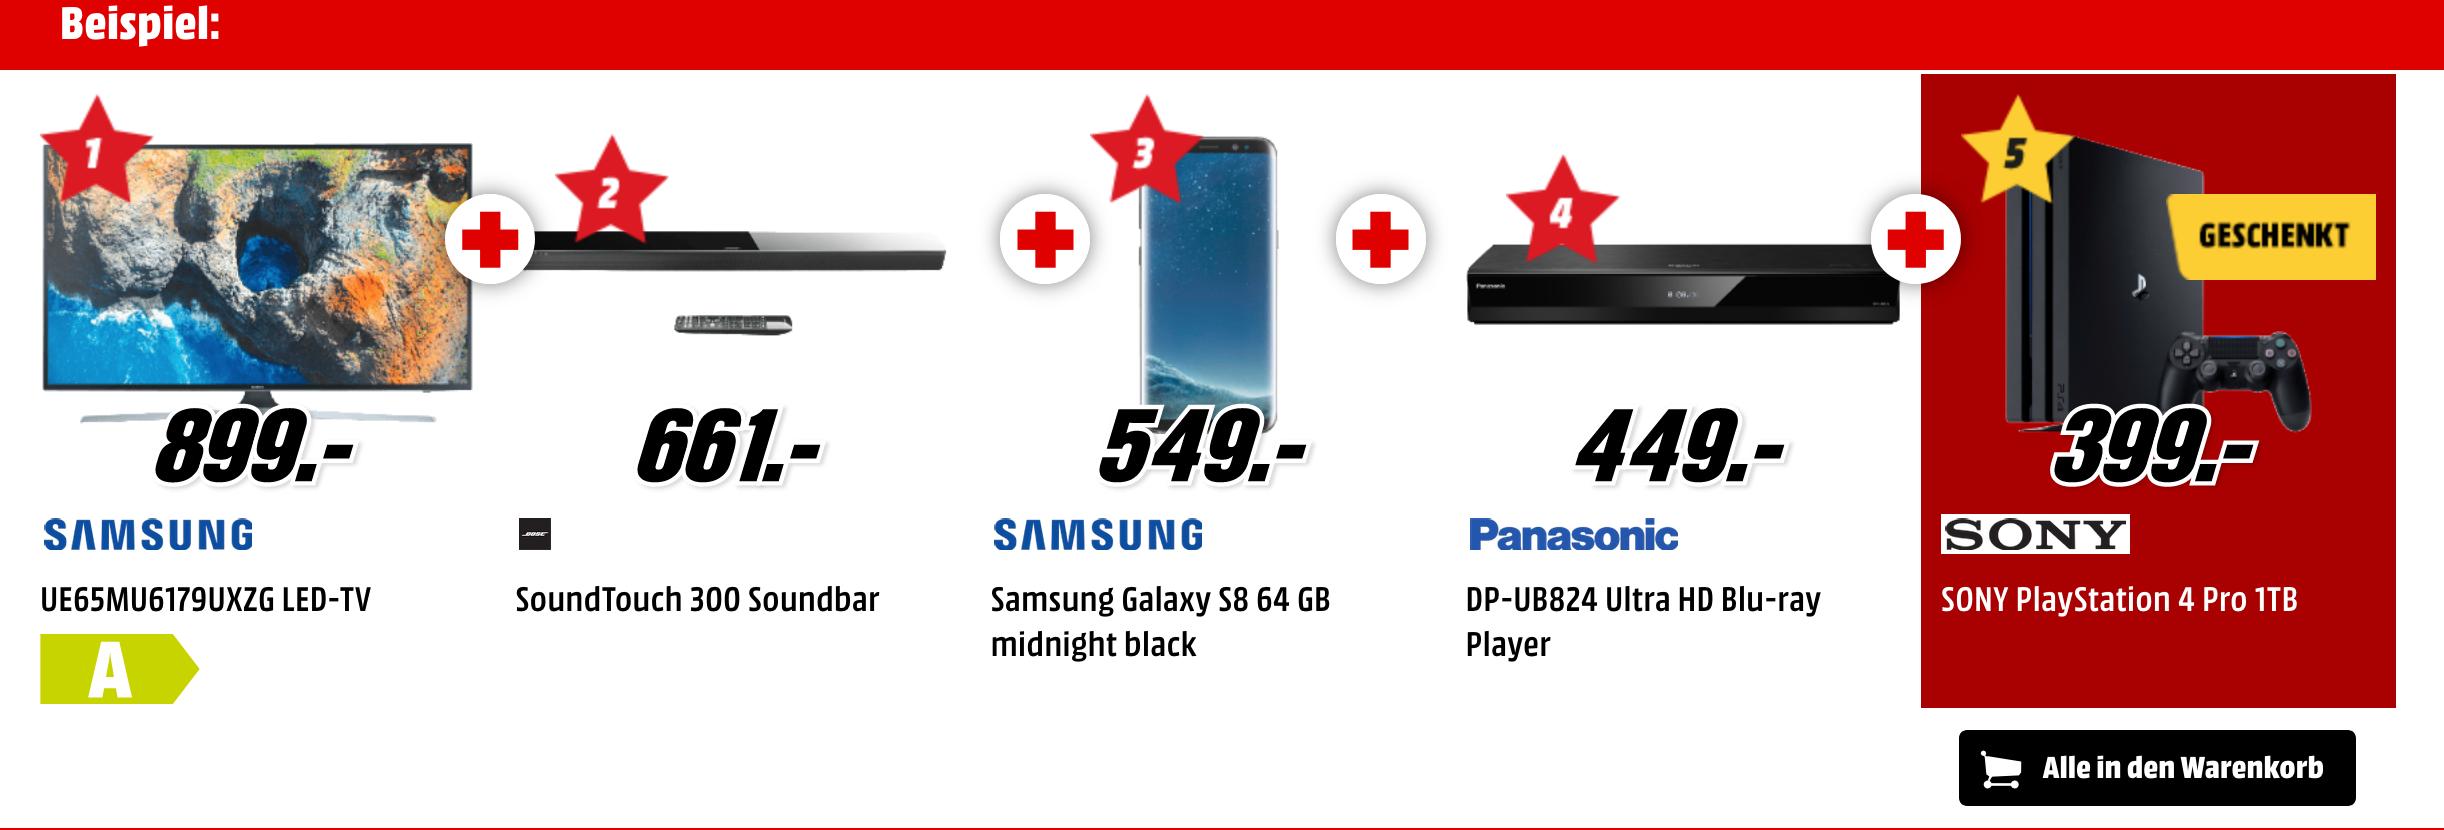 TIPP: Bei MediaMark: 5 beliebige Produkte in den Warenkorb legen und 4 bezahlen (Apple, Konsolen, Sonos...)